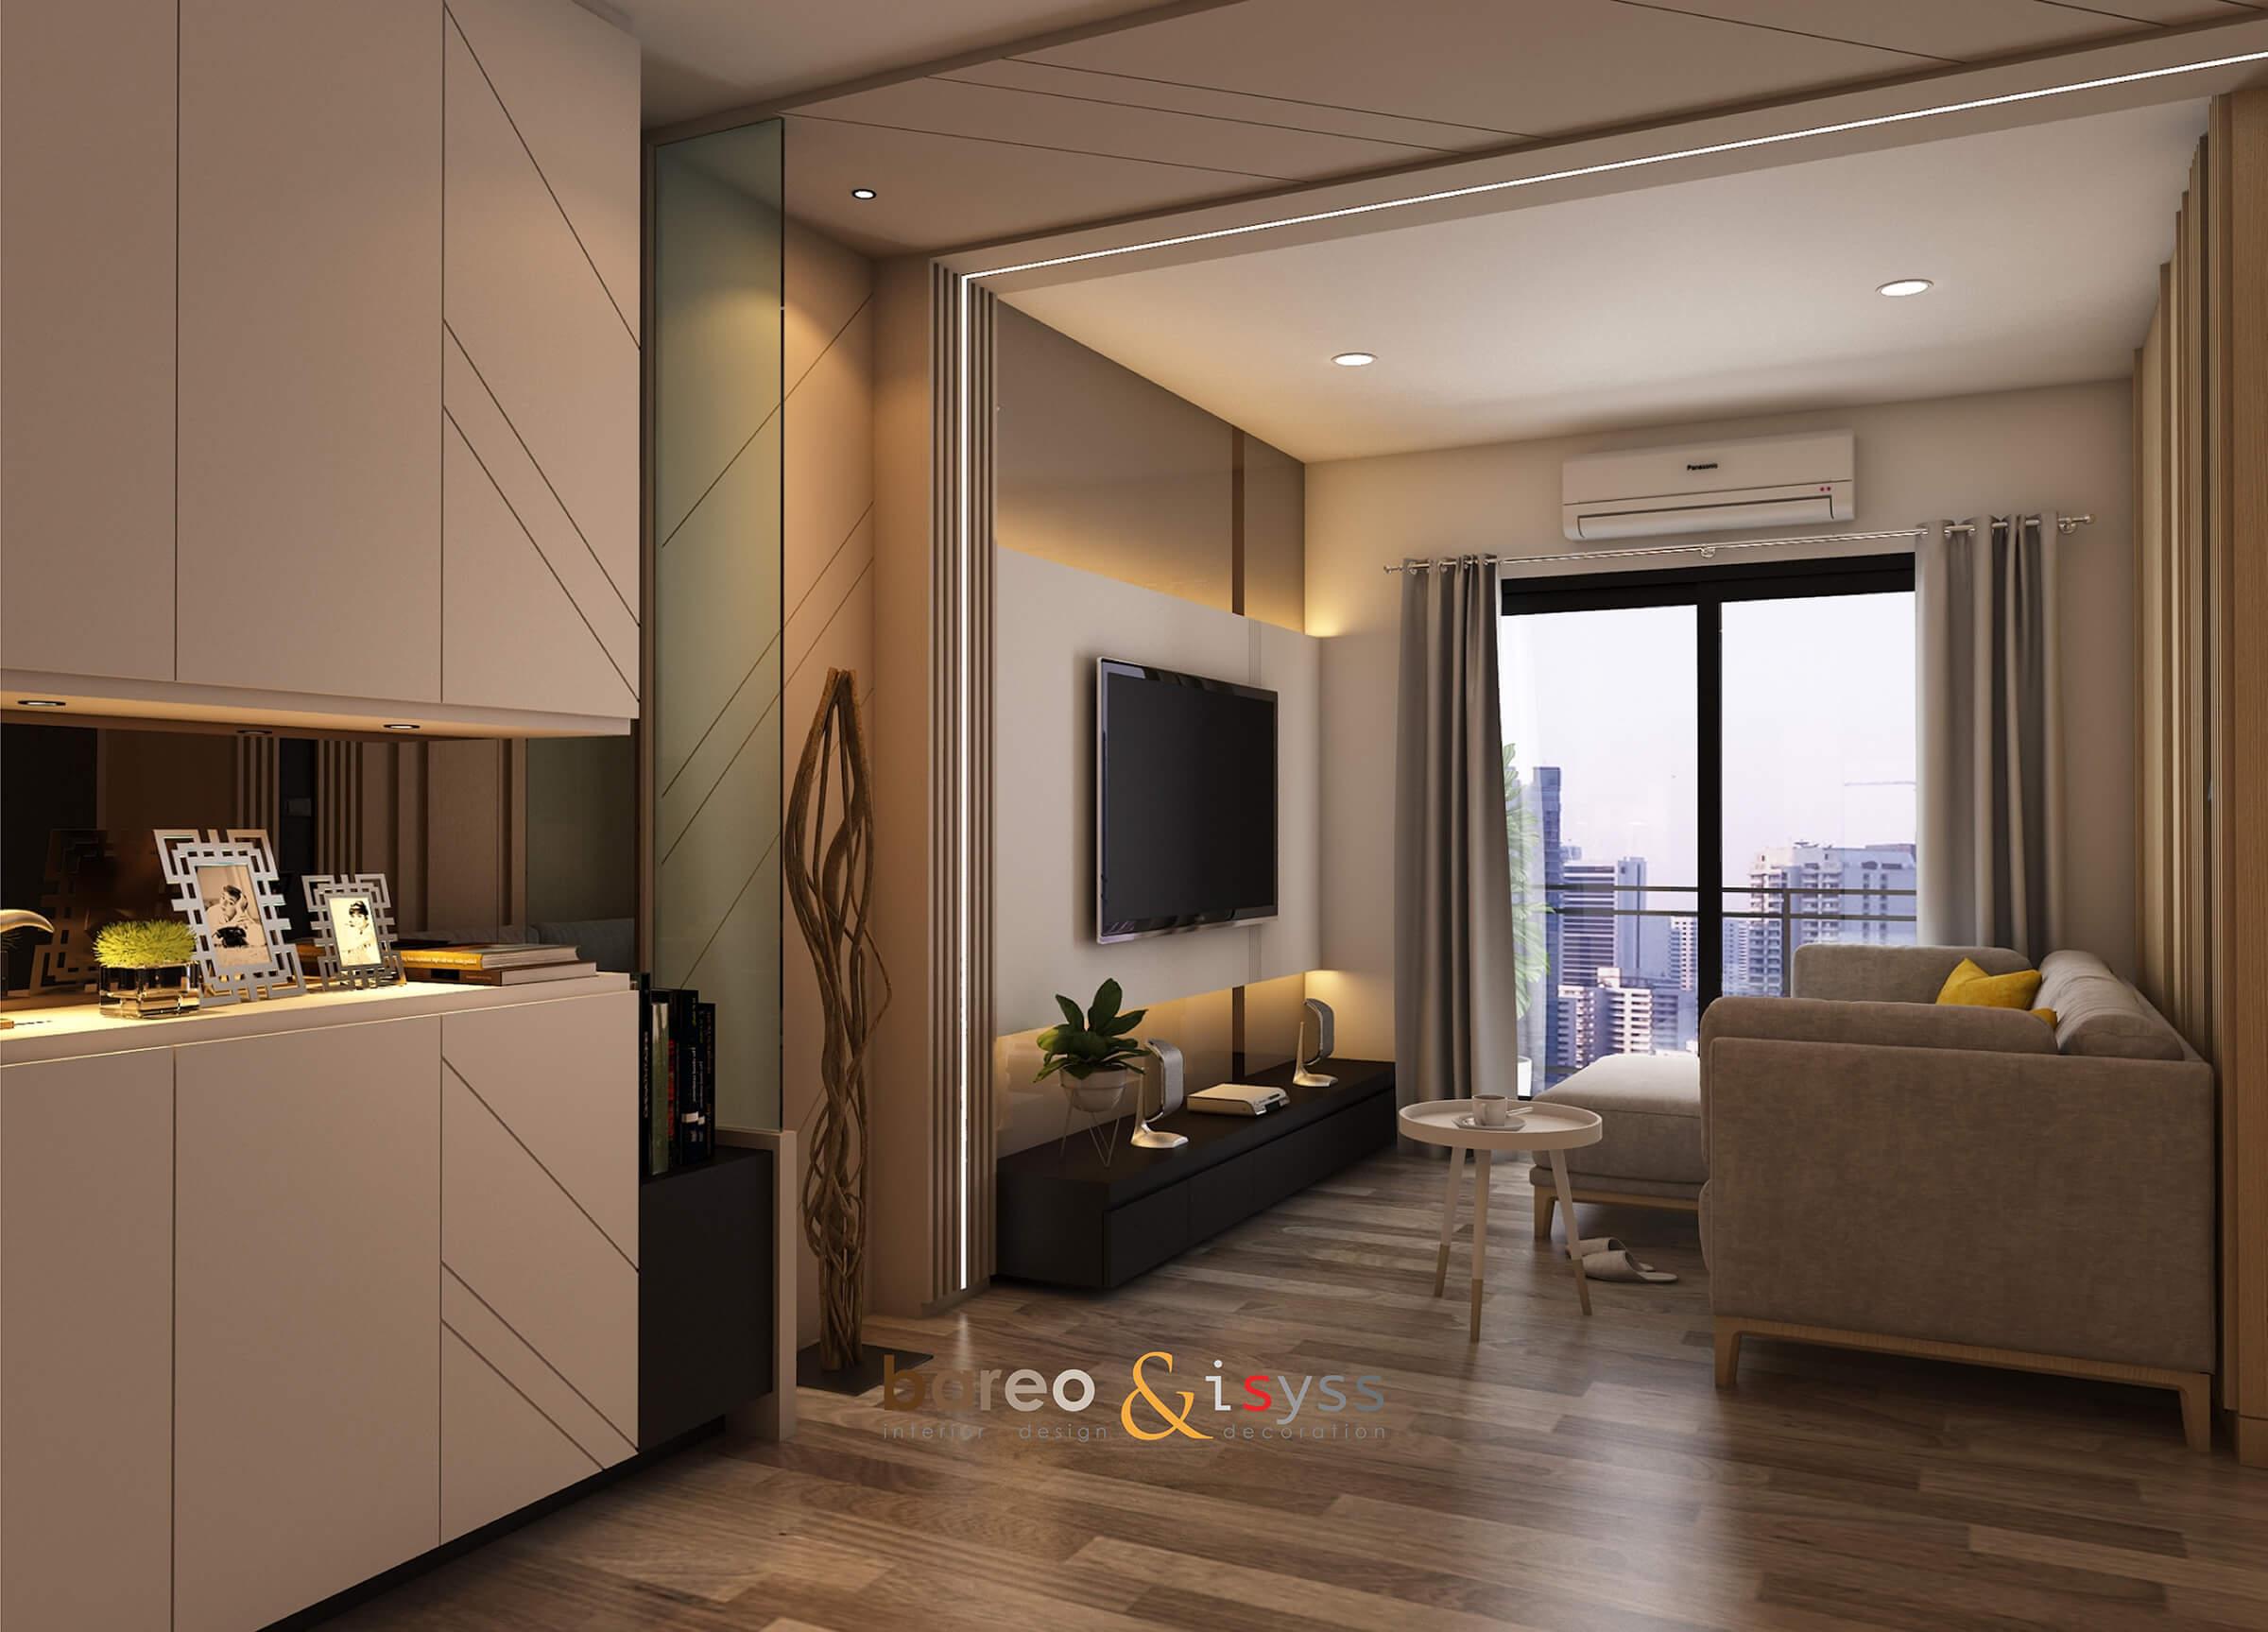 ห้องนั่งเล่น คอนโด ออกแบบคอนโด ออกแบบตกแต่งภายใน ตกแต่งภายใน ตกแต่งภายในคอนโด ออกแบบคอนโด รับออกแบบตกแต่งภายใน บริษัทออกแบบตกแต่งภายใน บริษัทออกแบบภายใน interior